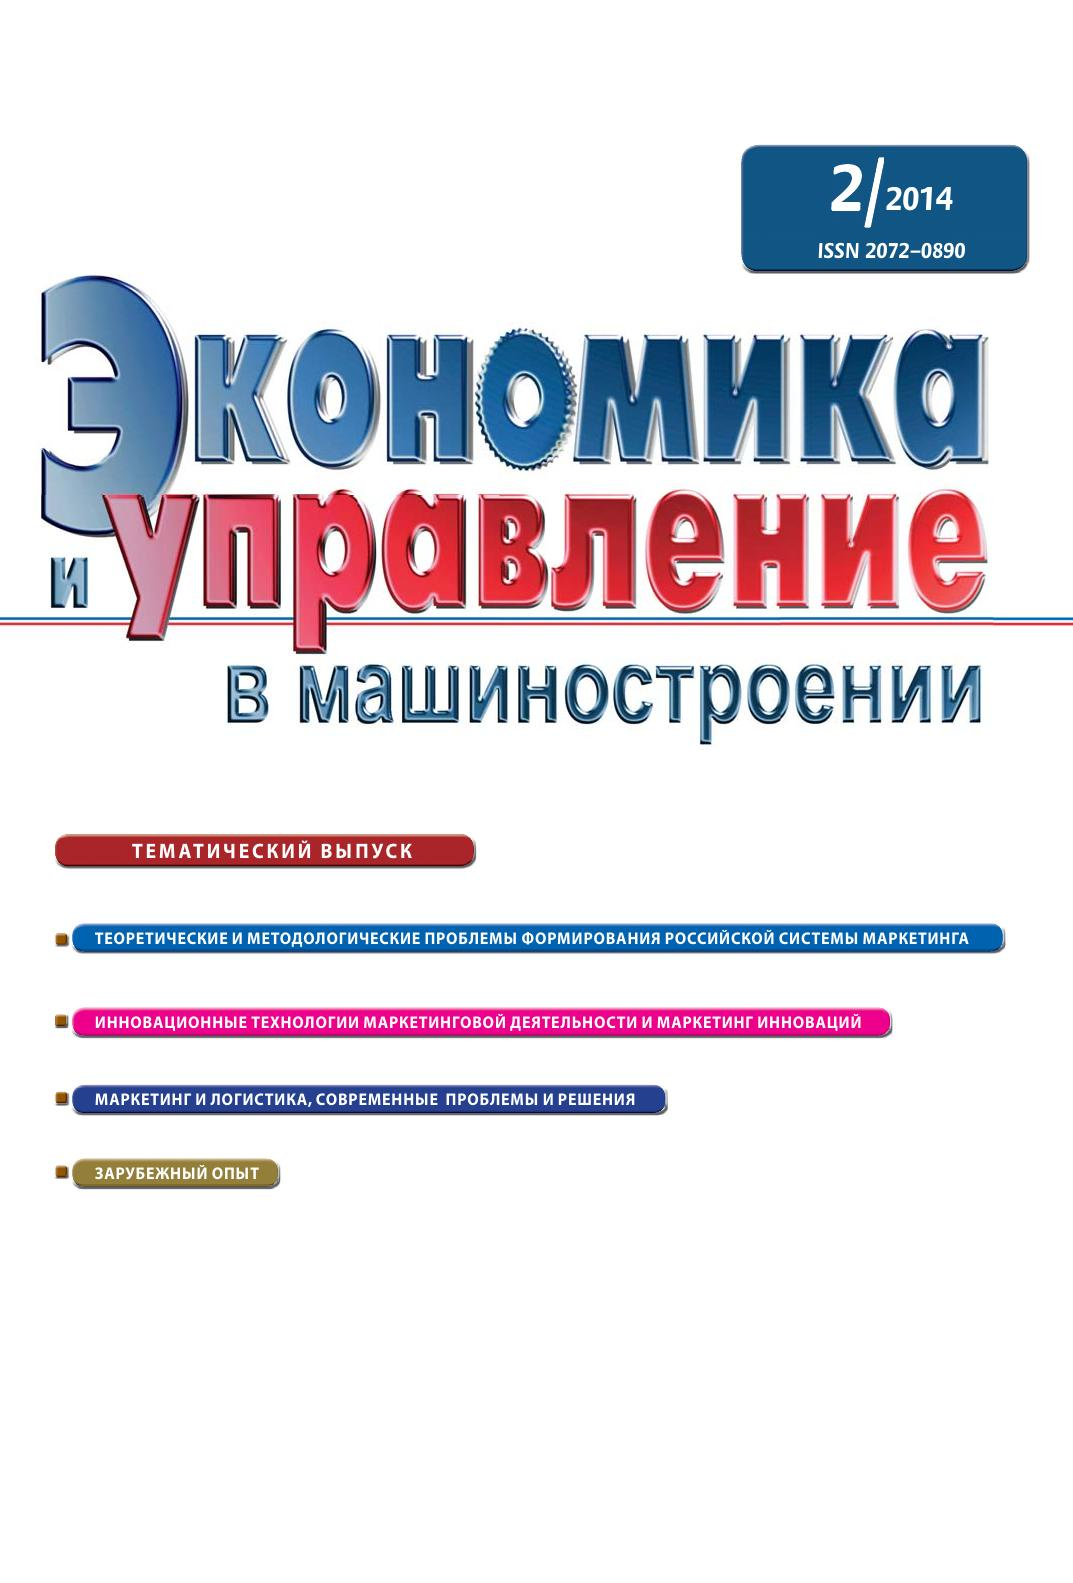 сборник Экономика и управление в машиностроении. № 2(32) сборник экономика и управление в машиностроении 6 декабрь 2014